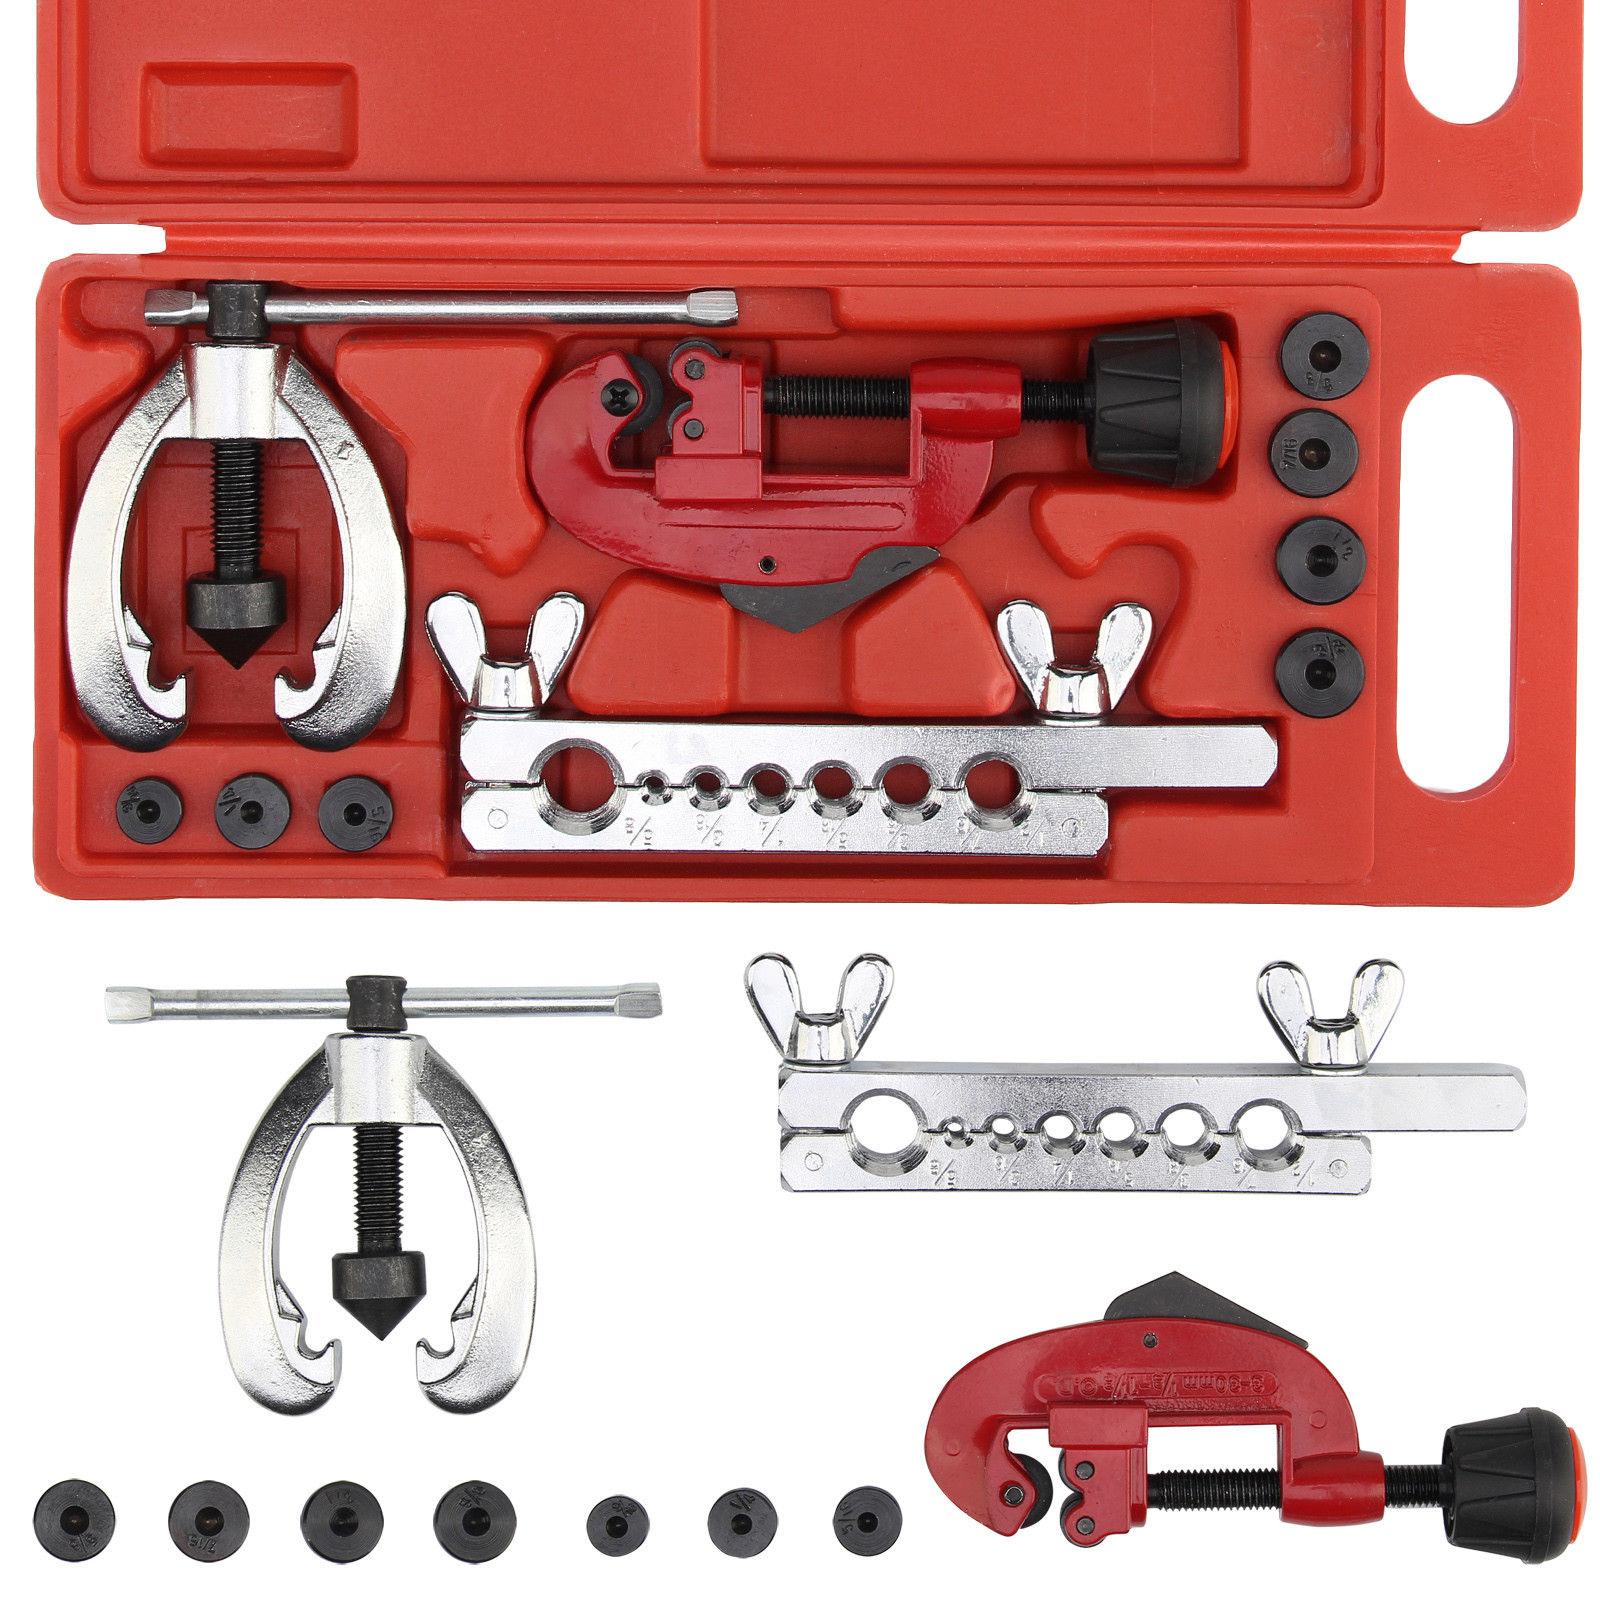 10 Metric Flaring Tool Kit Brake Pipe Repair Tool Set Tube Cutter With Storage